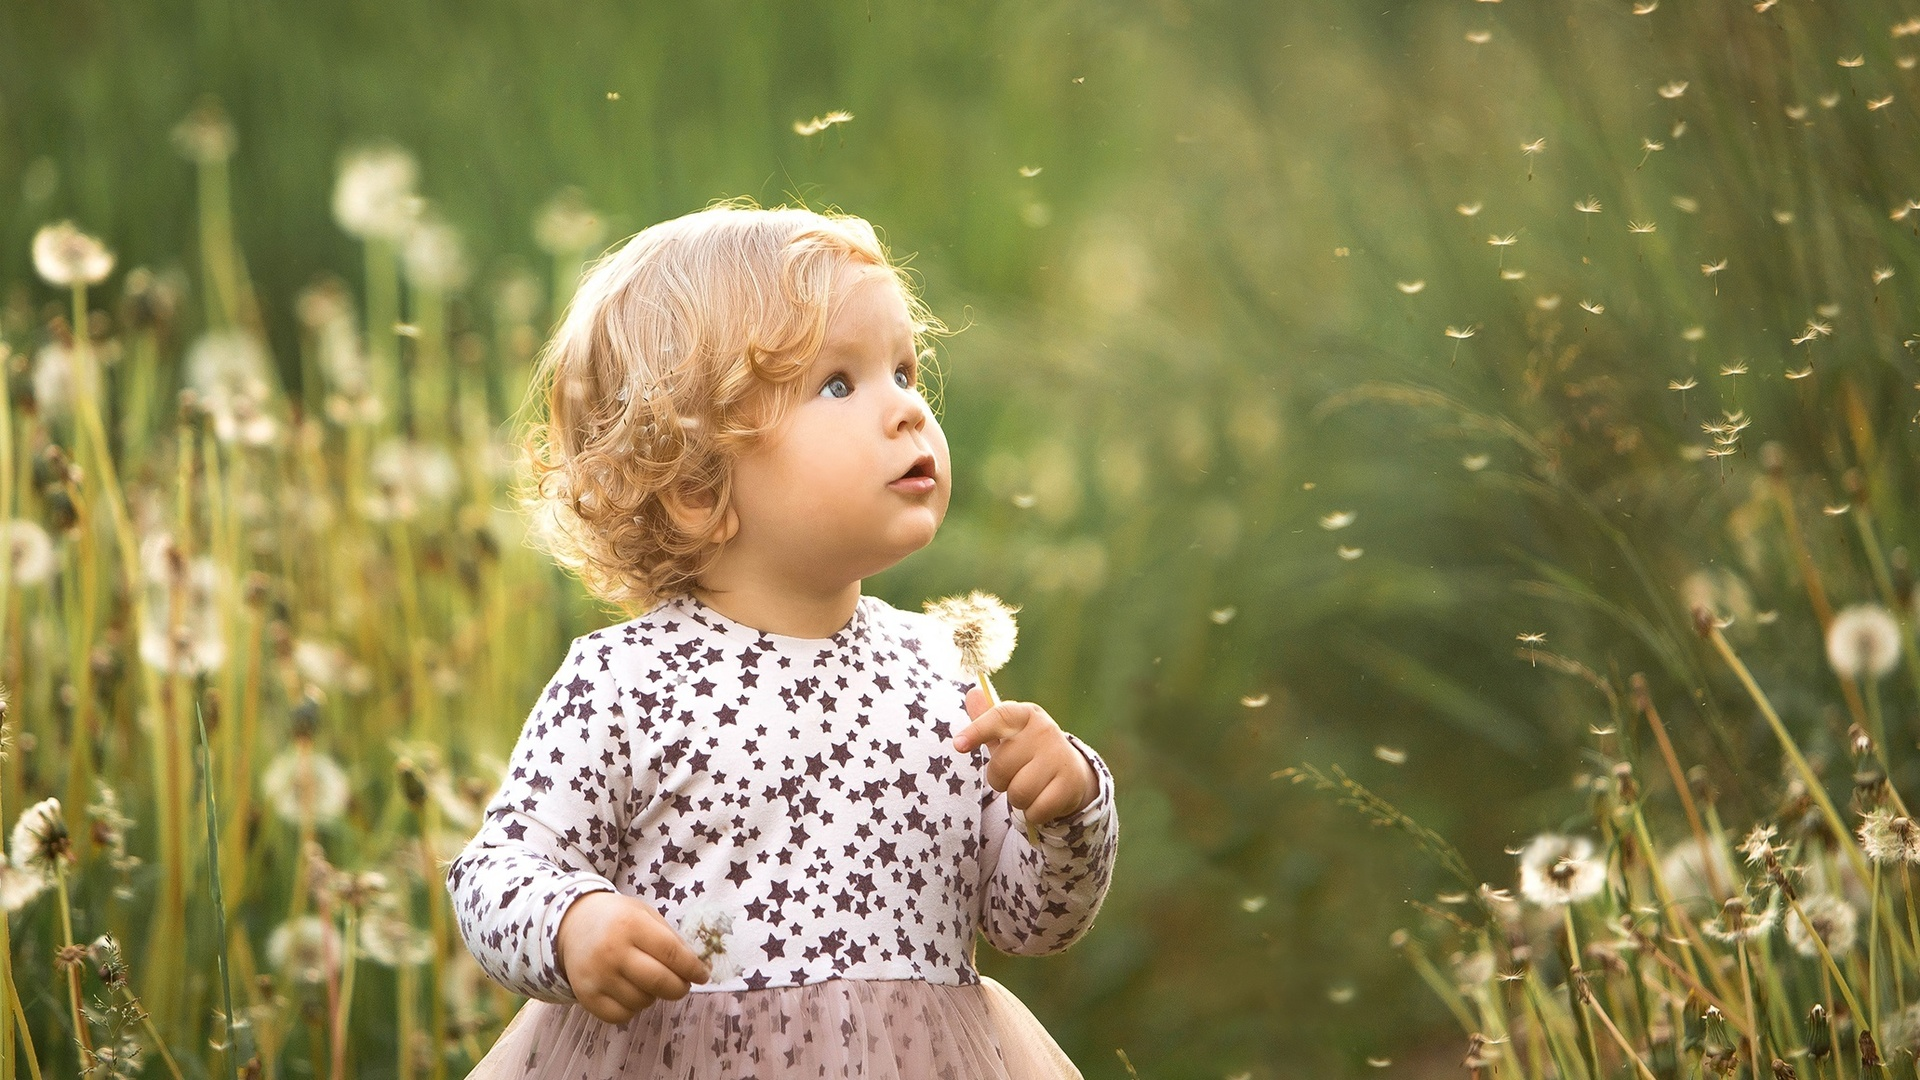 ребёнок, девочка, малышка, платье, кудри, природа, трава, одуванчики